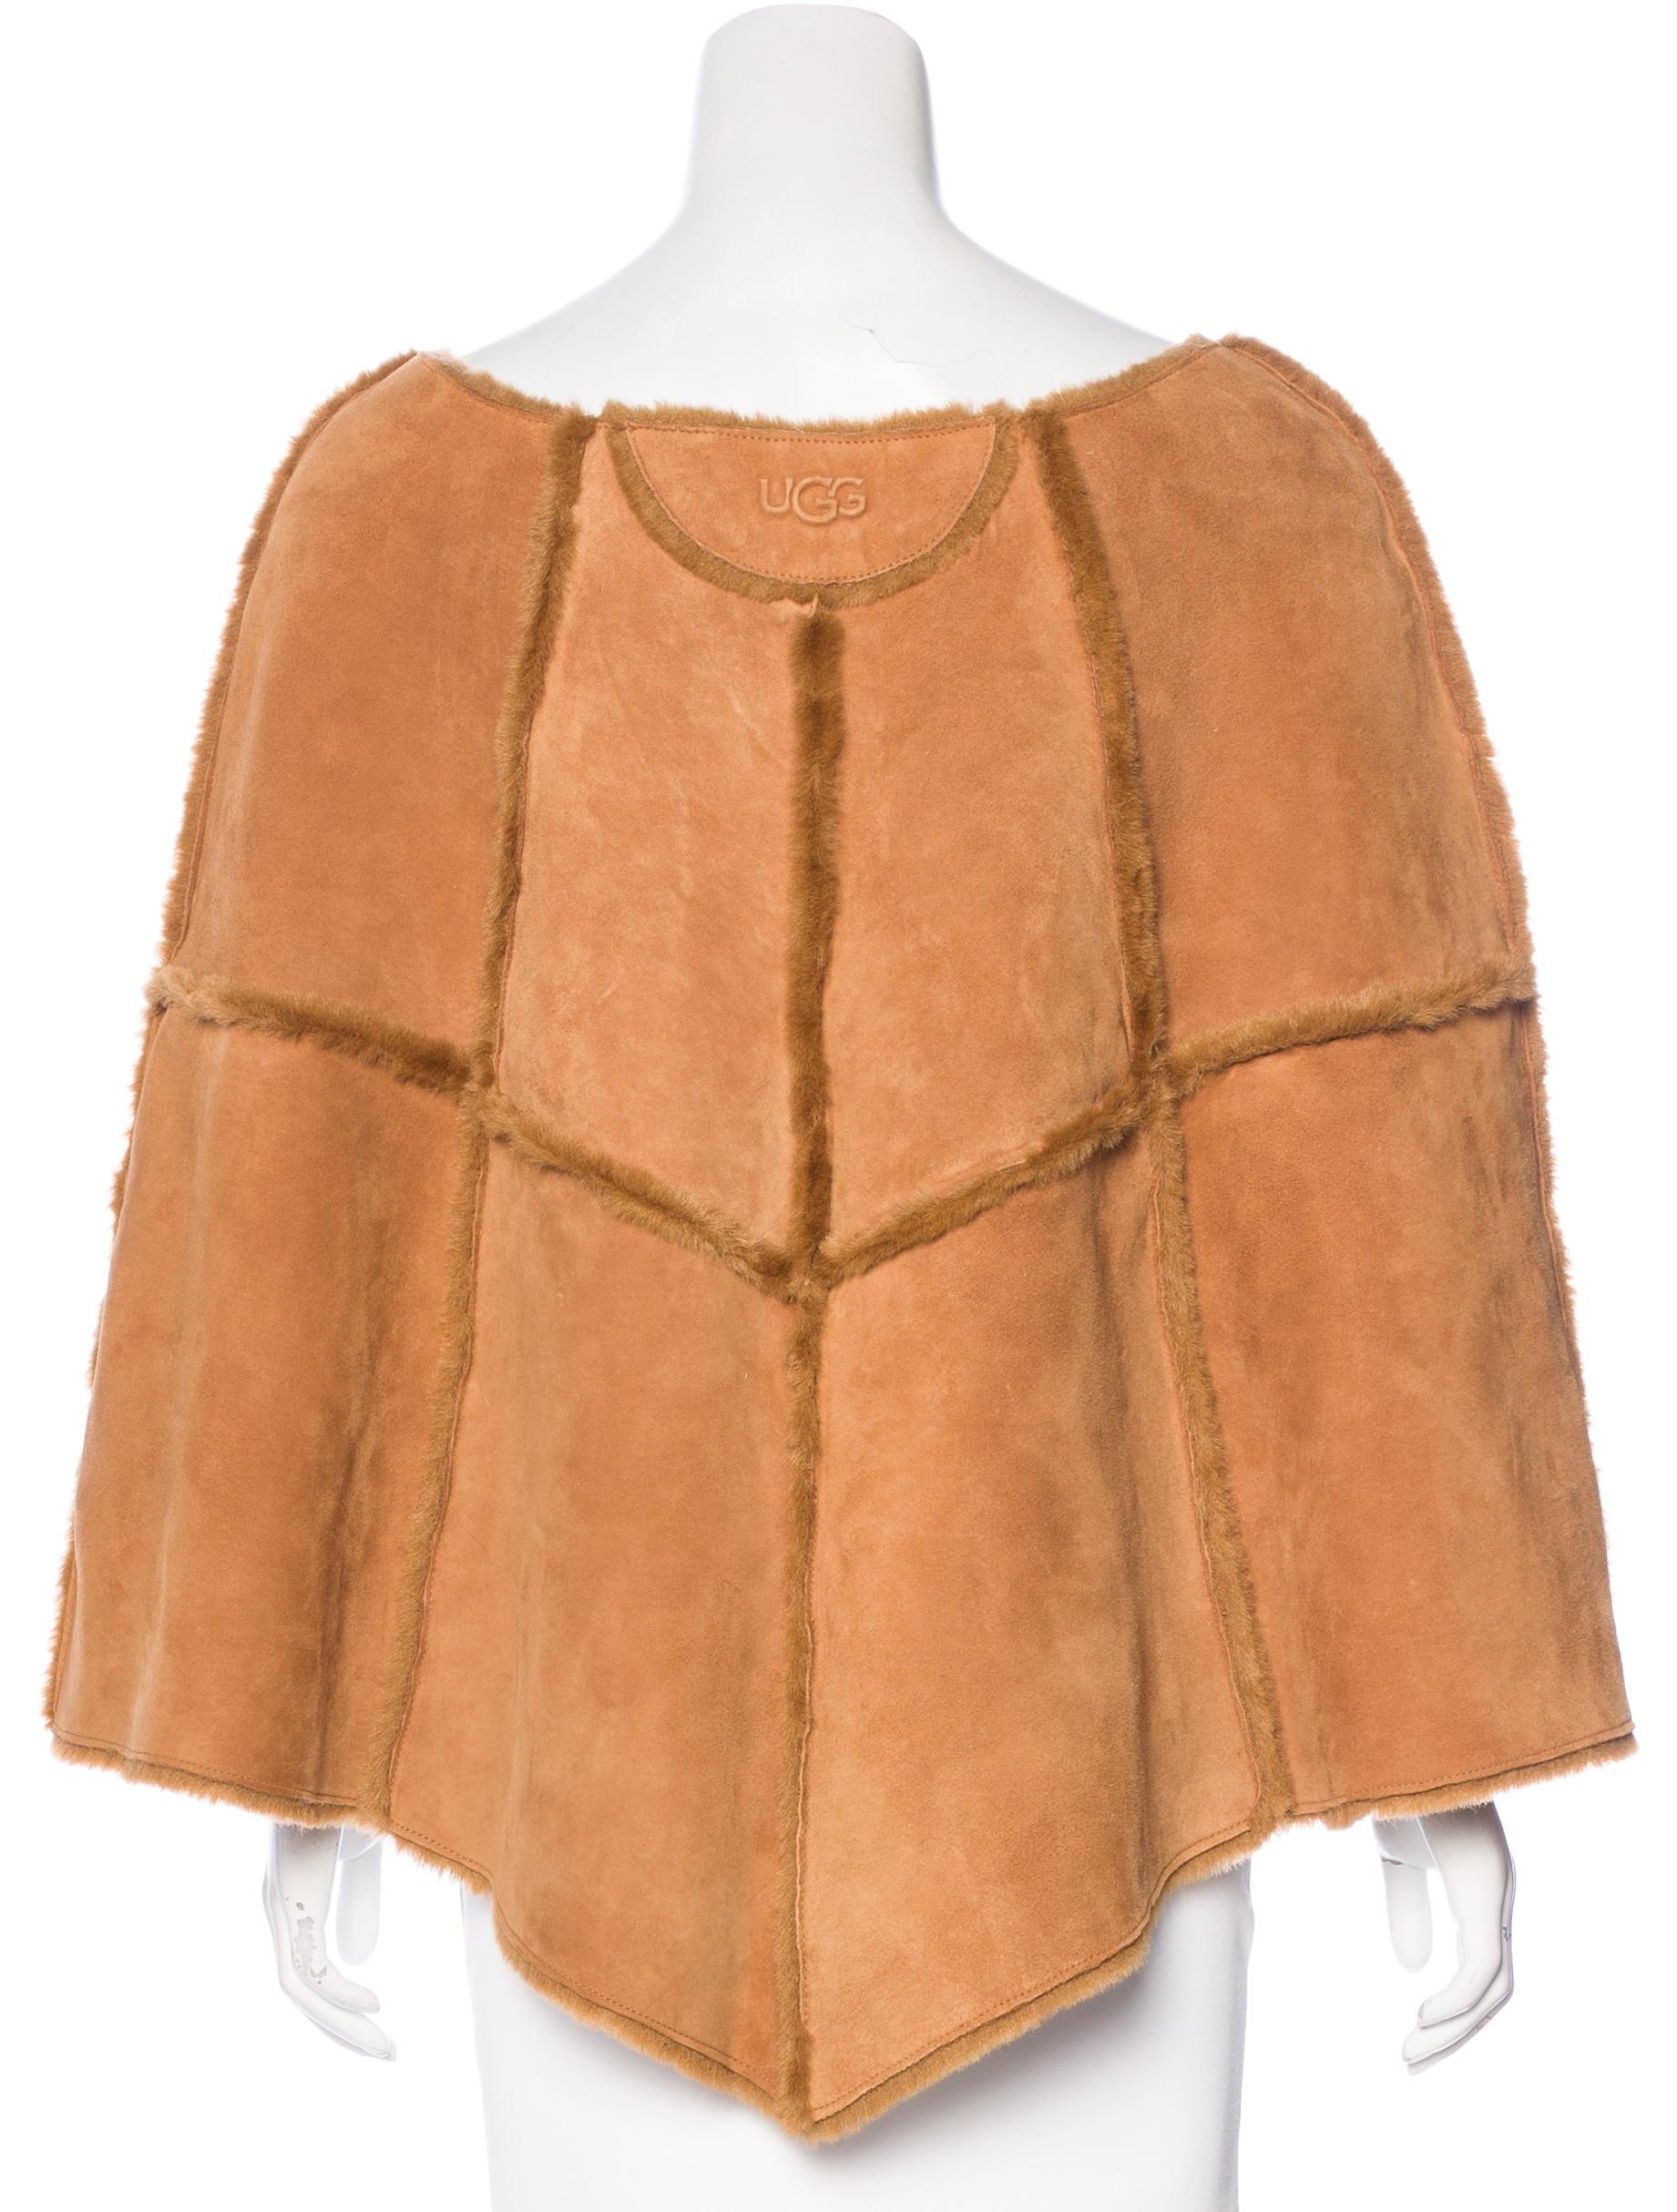 ugg clothing australia